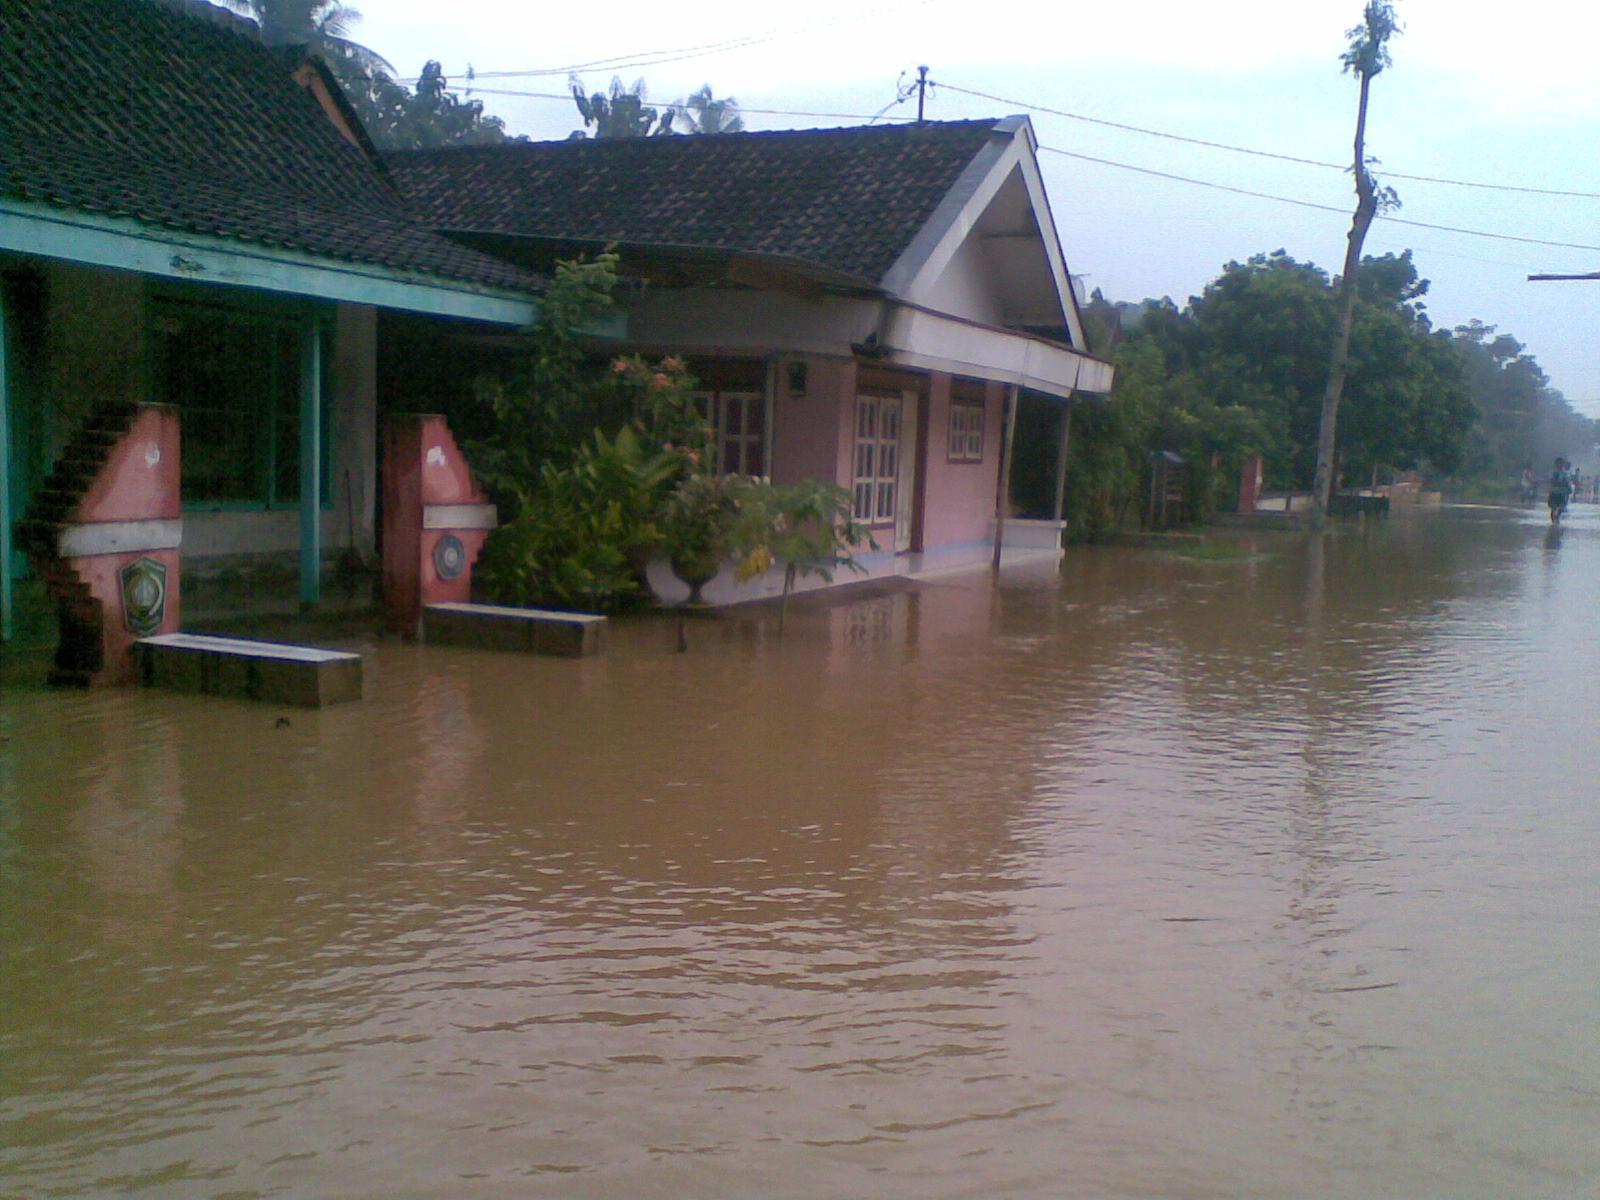 Does that cause a flood? | P A Q